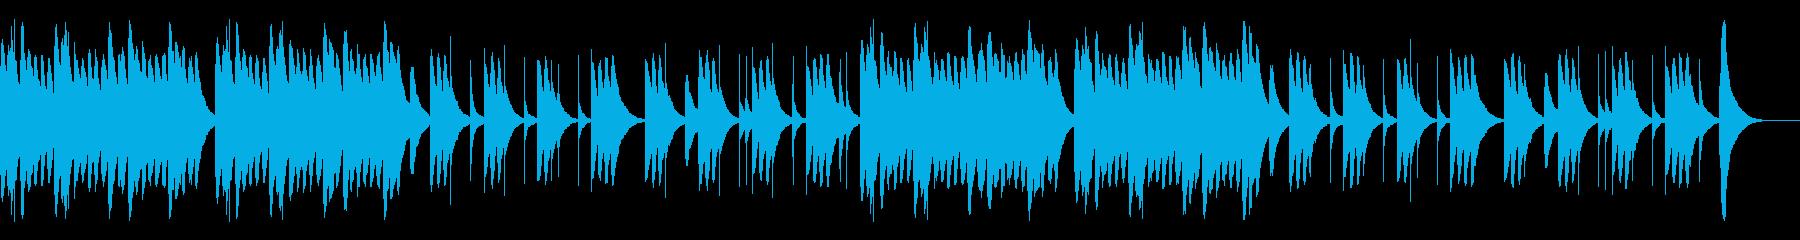 可愛らしくて切ないオルゴールBGMの再生済みの波形